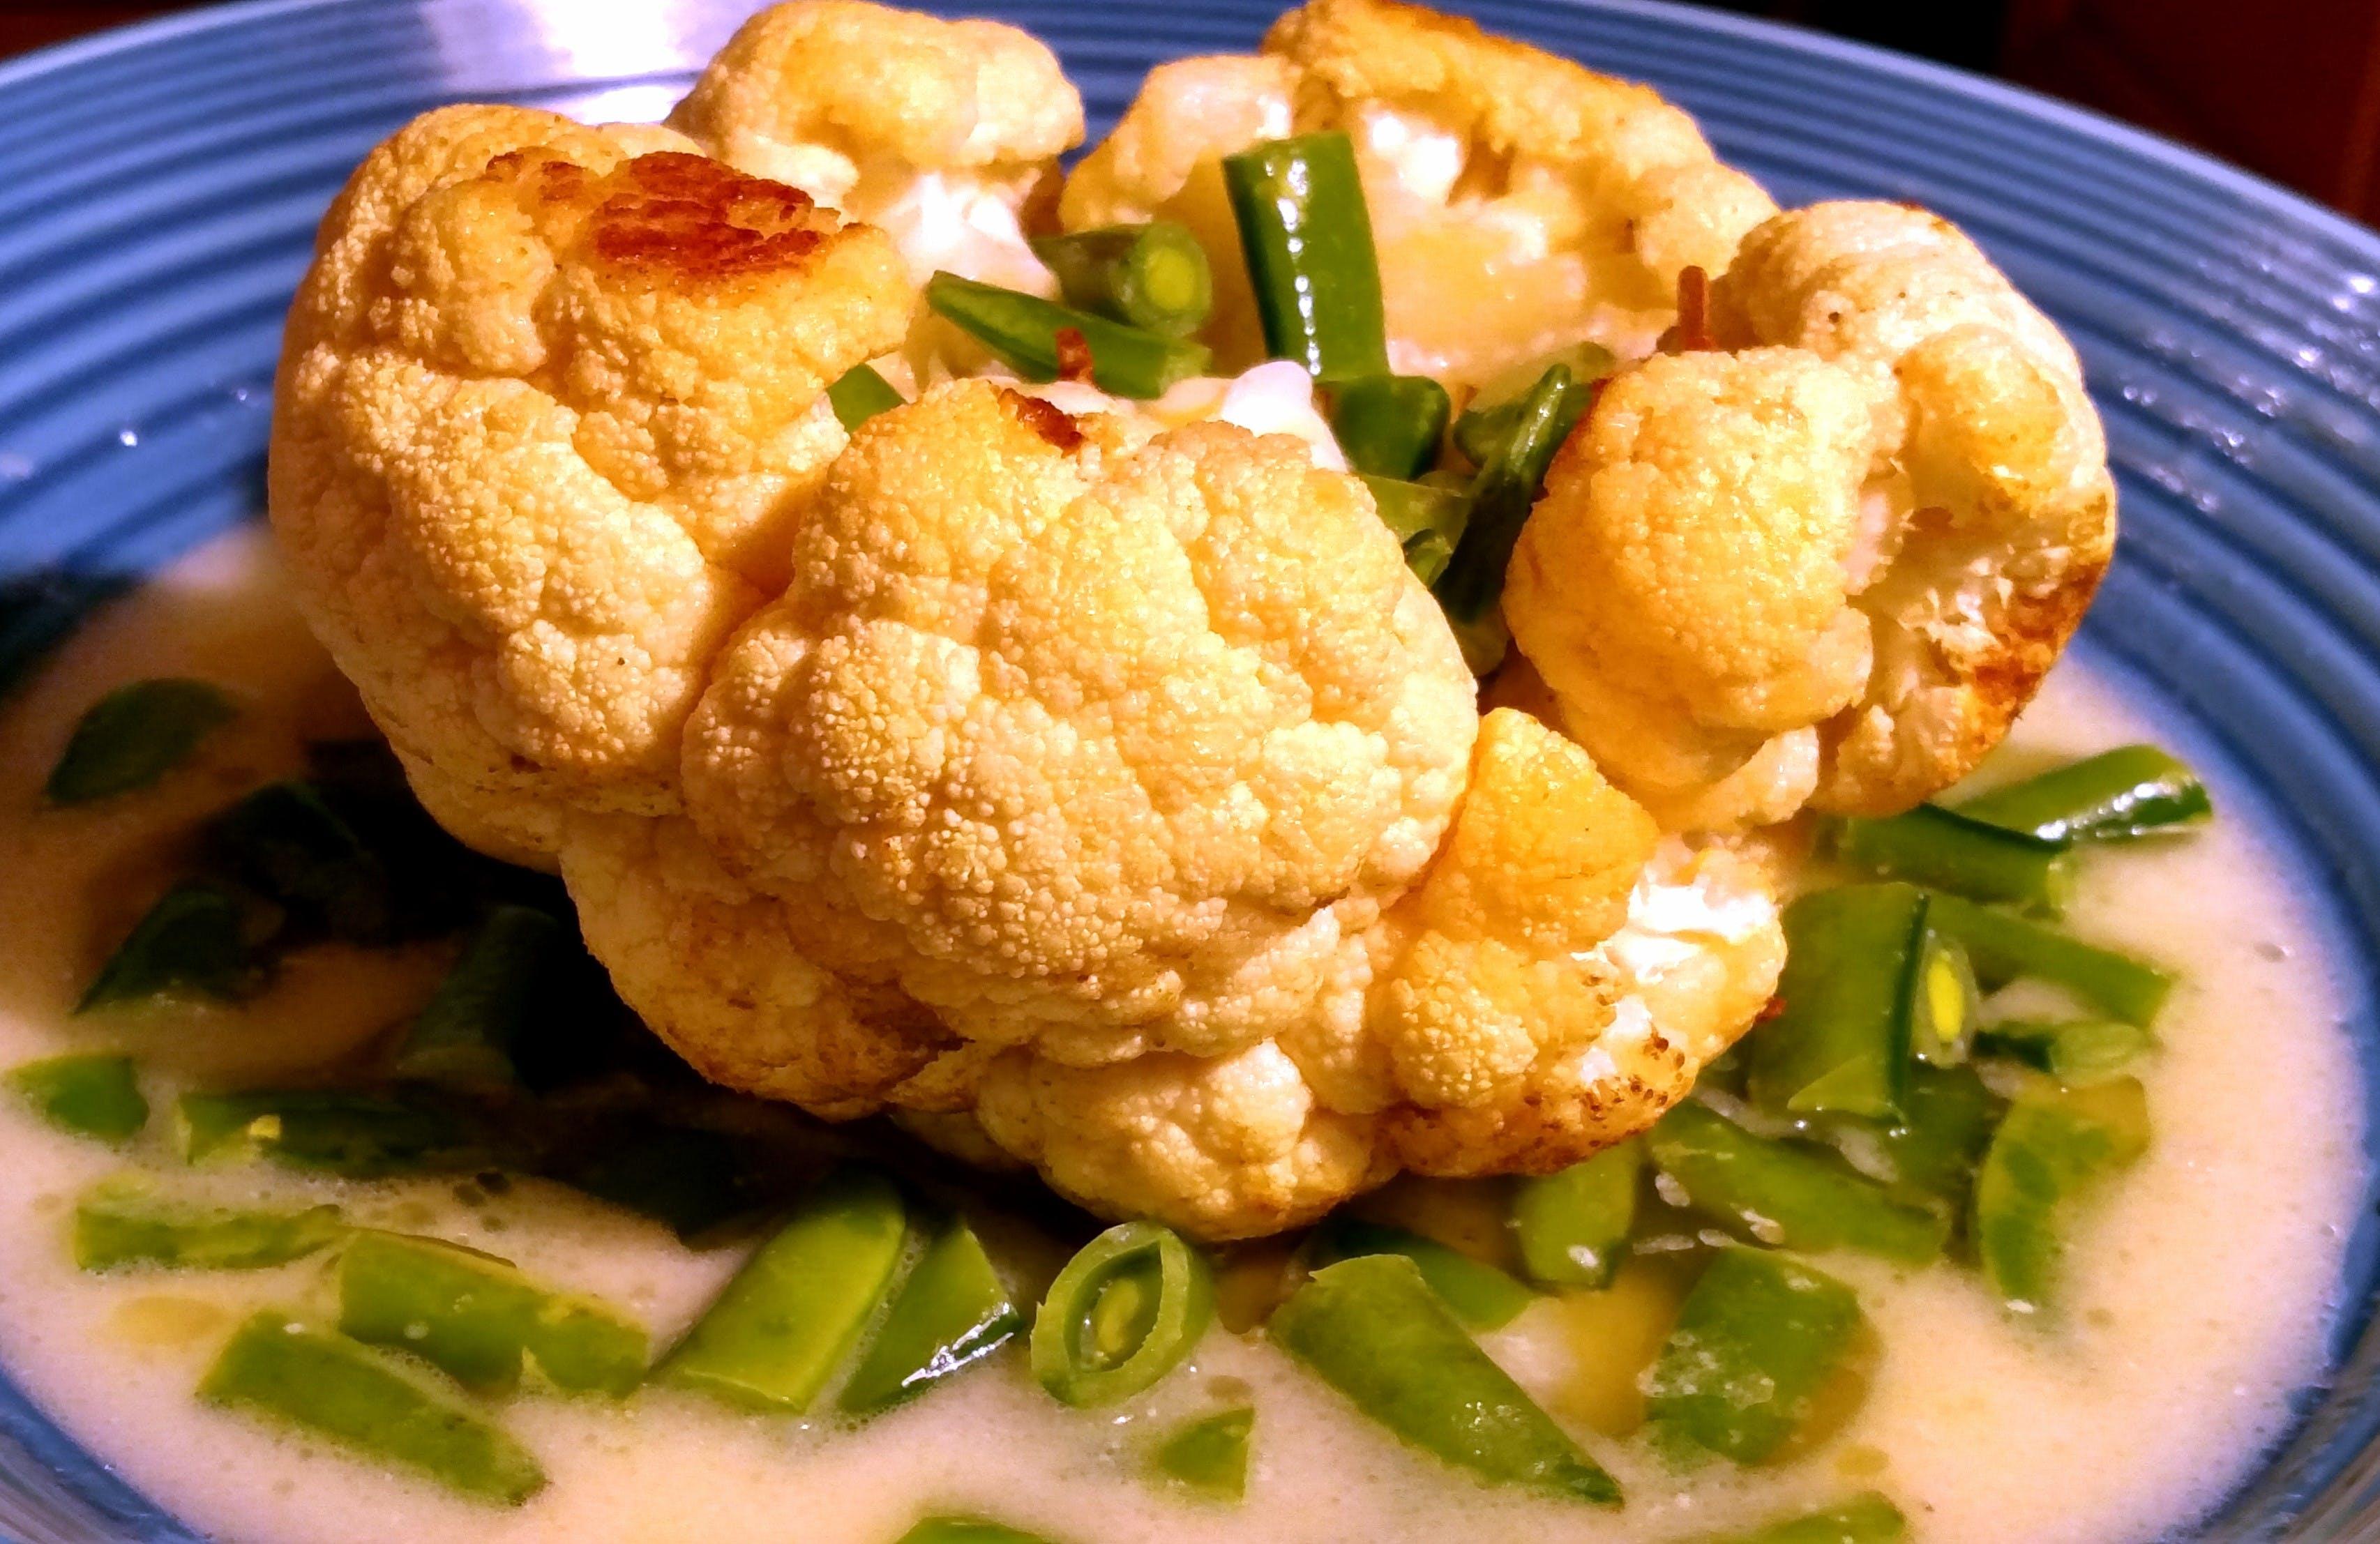 Free stock photo of cauliflower, snap peas